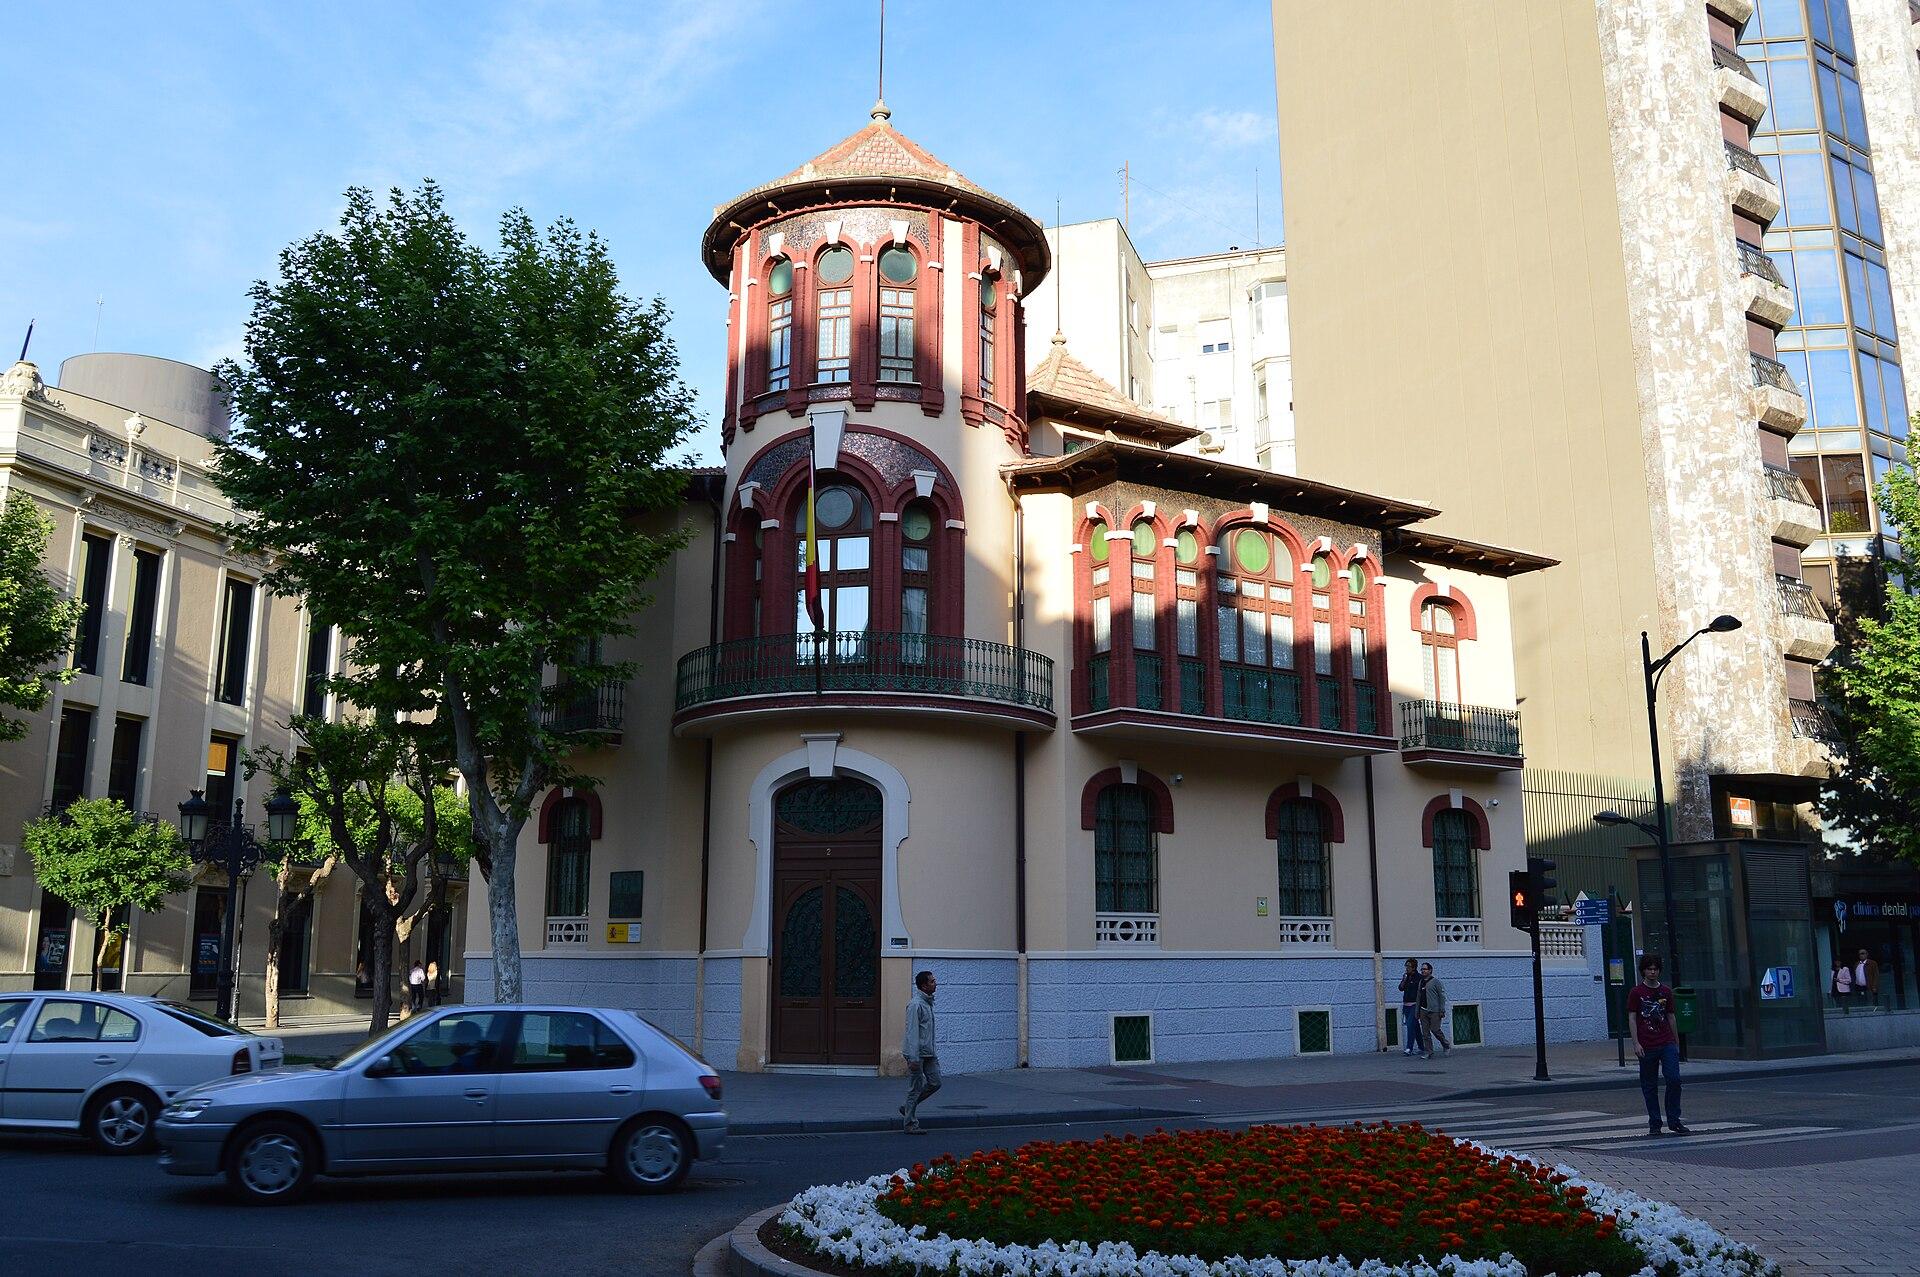 Edificio de la subdelegaci n de defensa albacete wikipedia la enciclopedia libre - Casas de citas en albacete ...